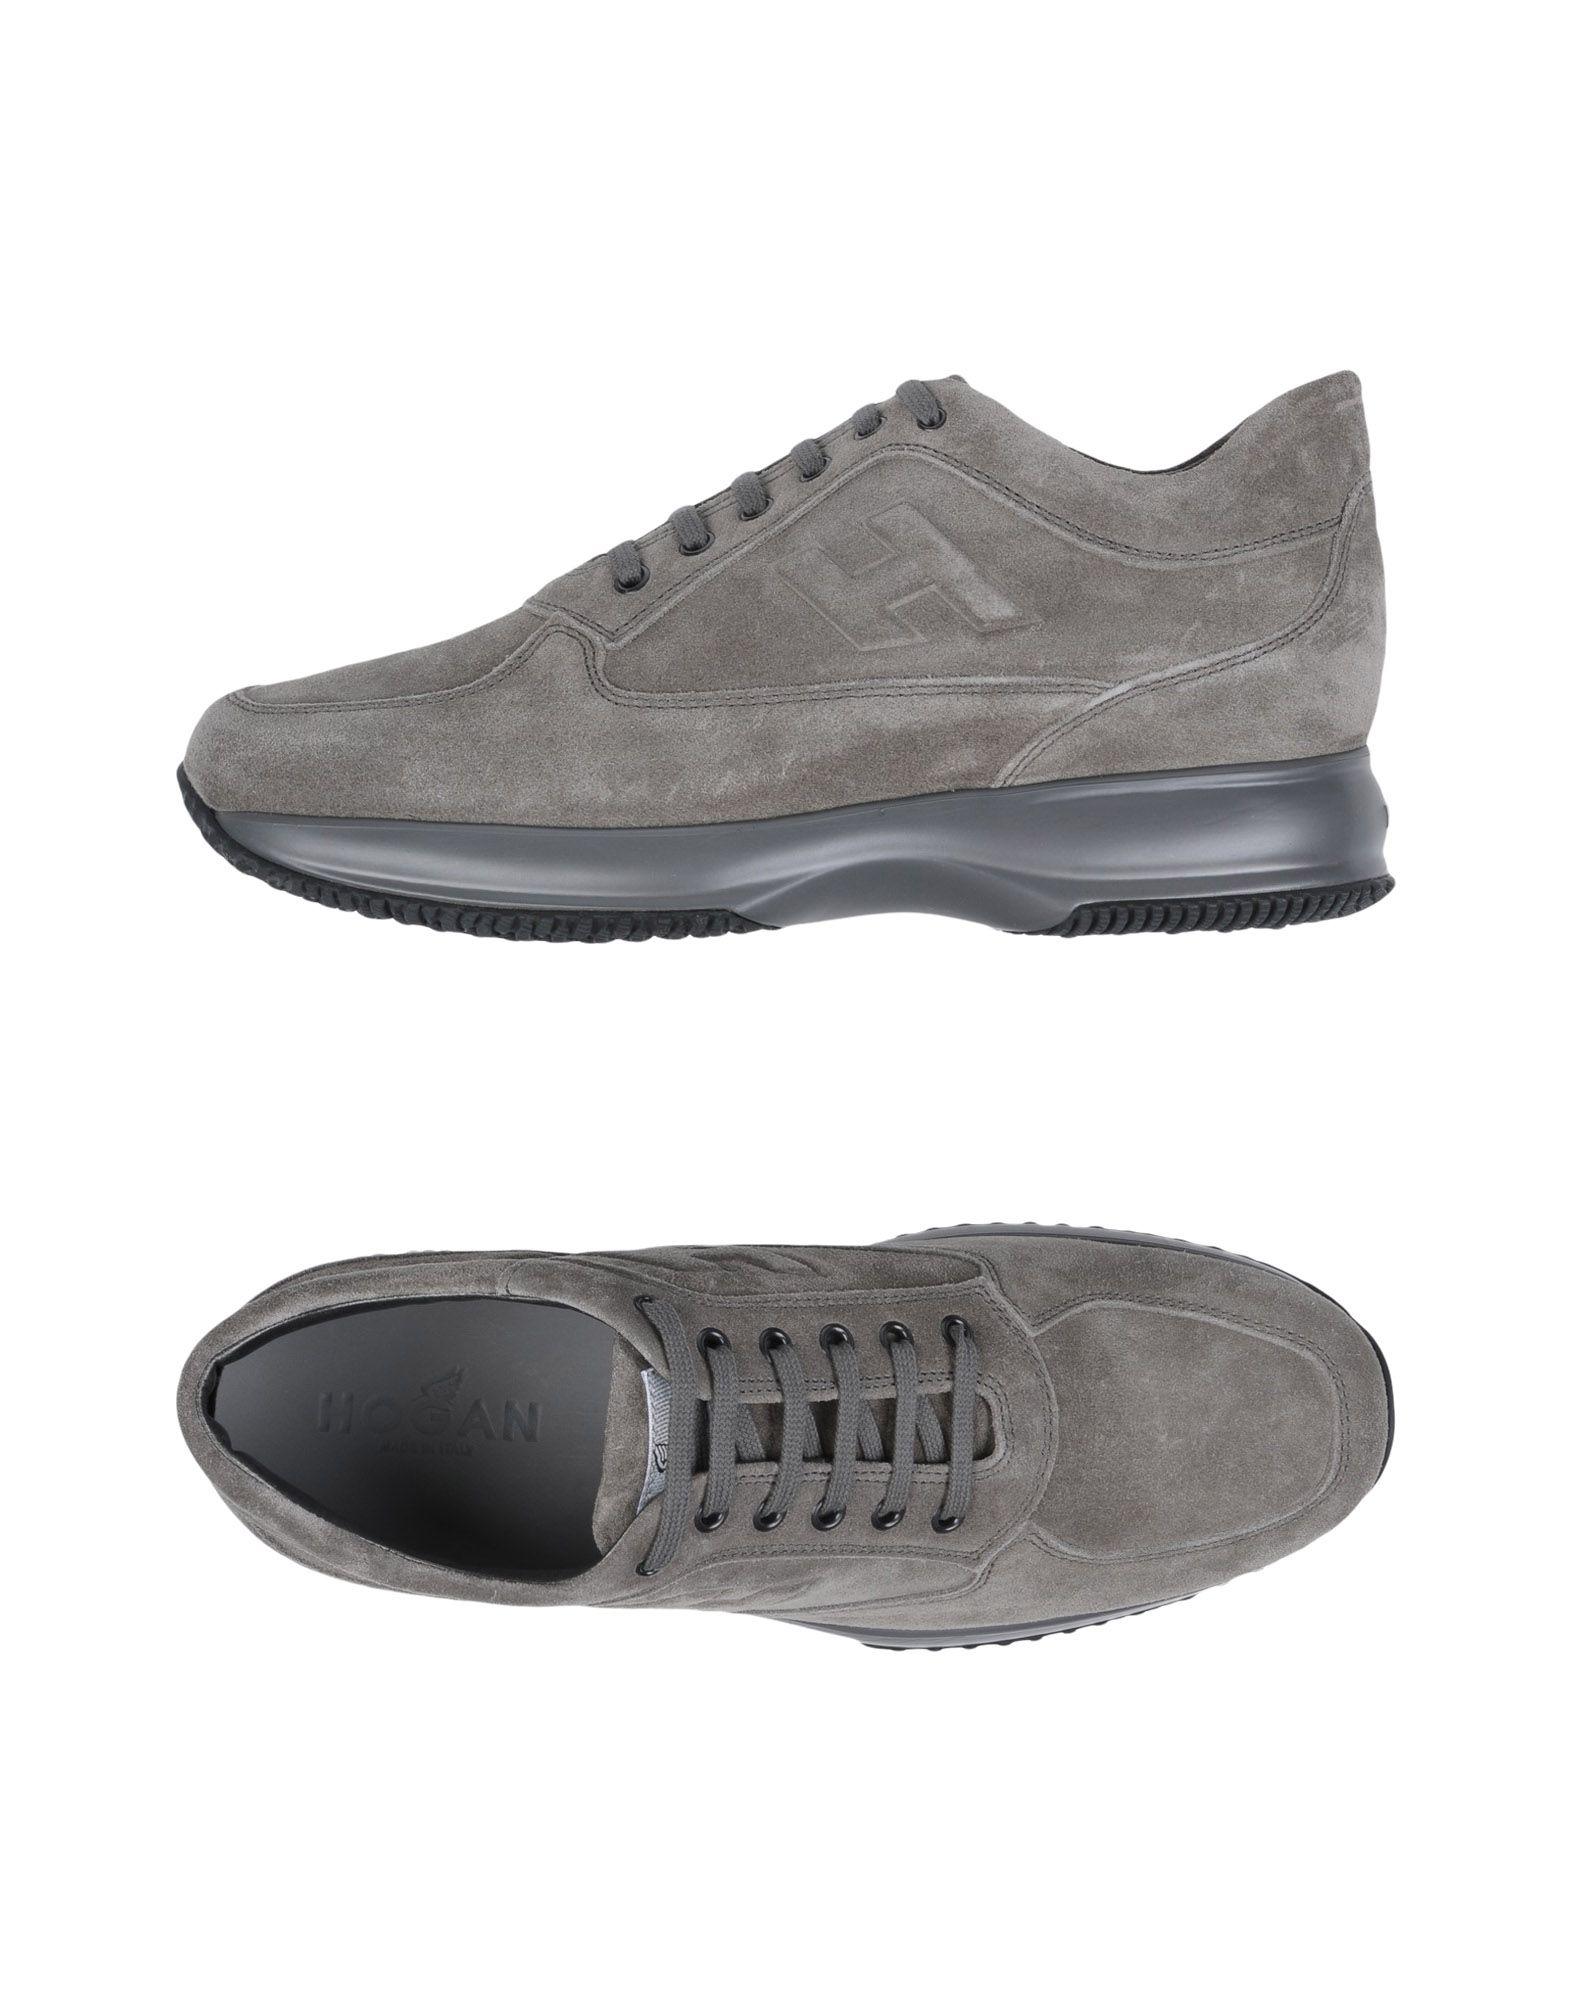 Hogan Sneakers Herren  11291690VU Gute Qualität beliebte Schuhe